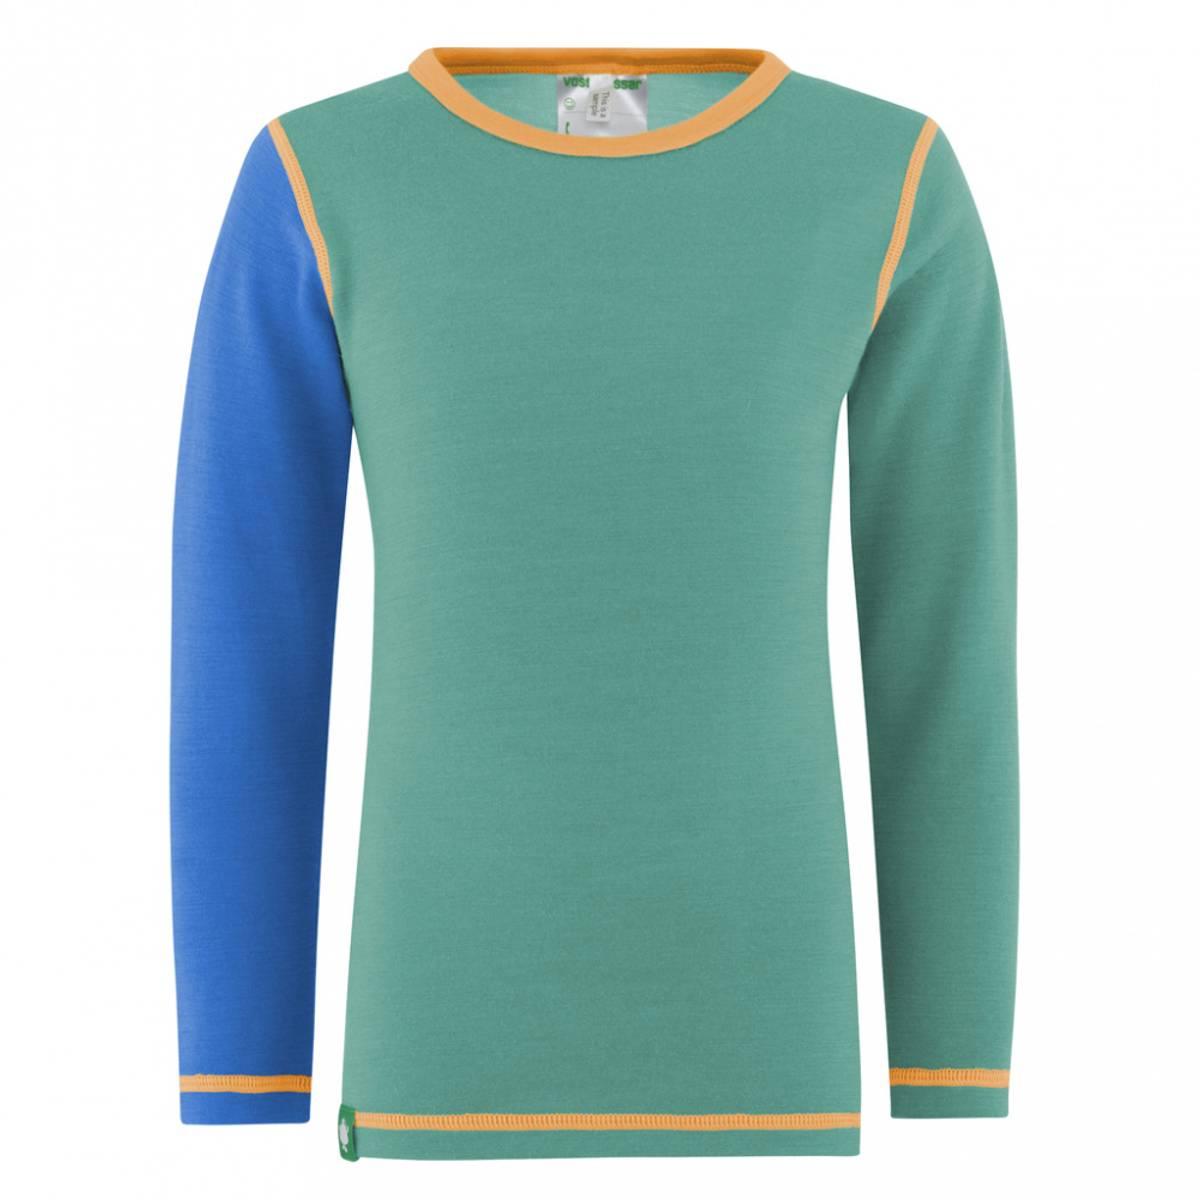 Blå/Mint Vossatassar Solid trøye